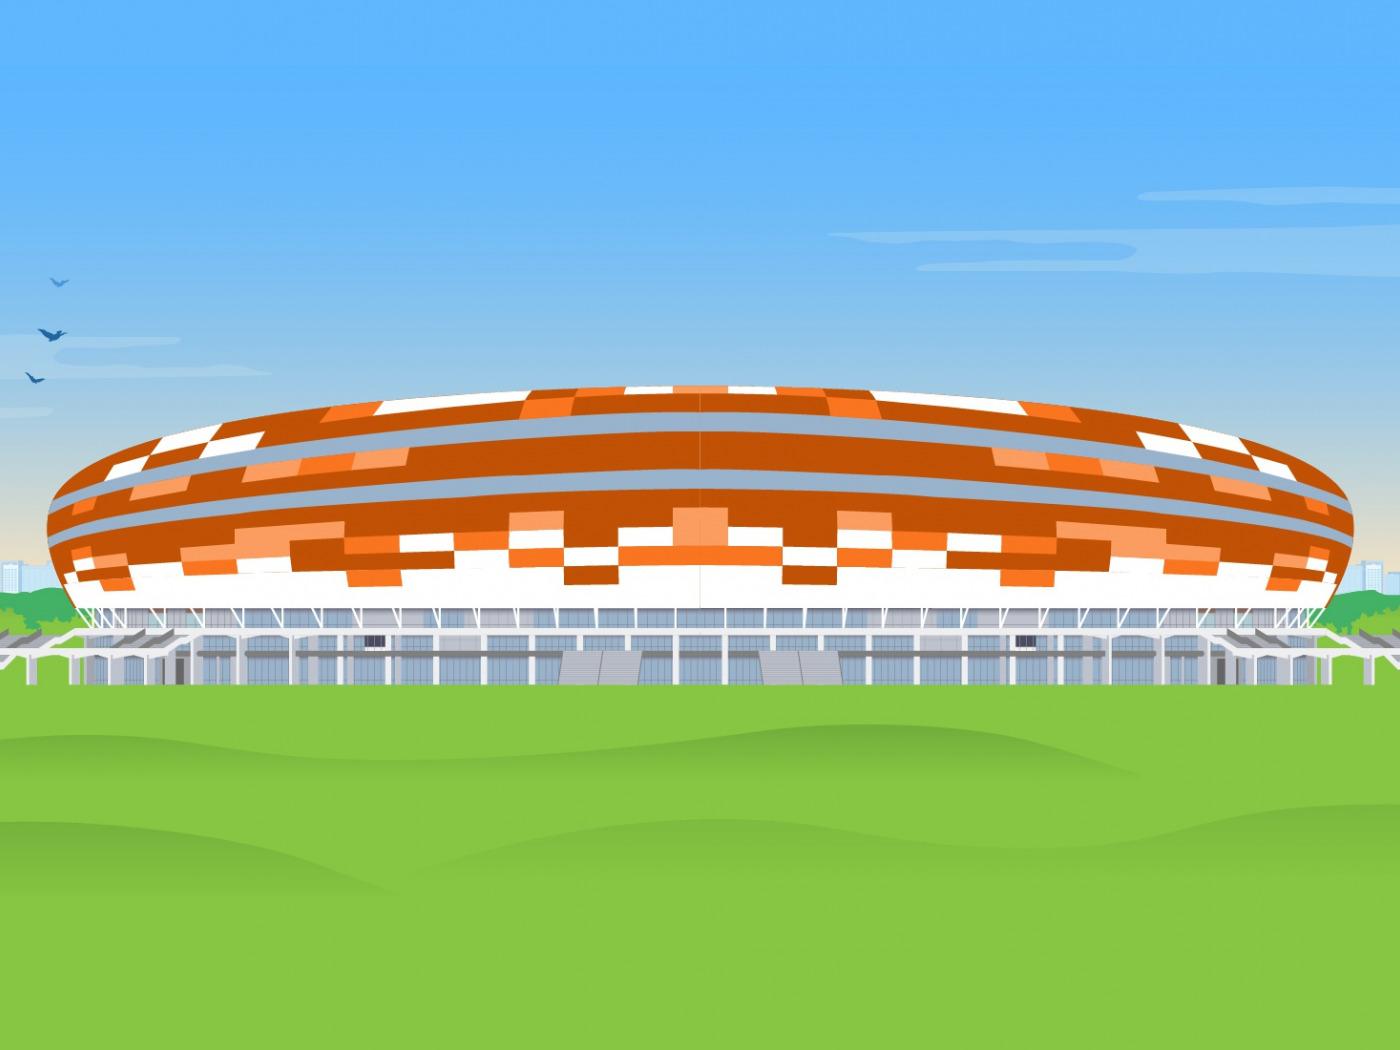 новых нарисовать стадион в картинках считаю